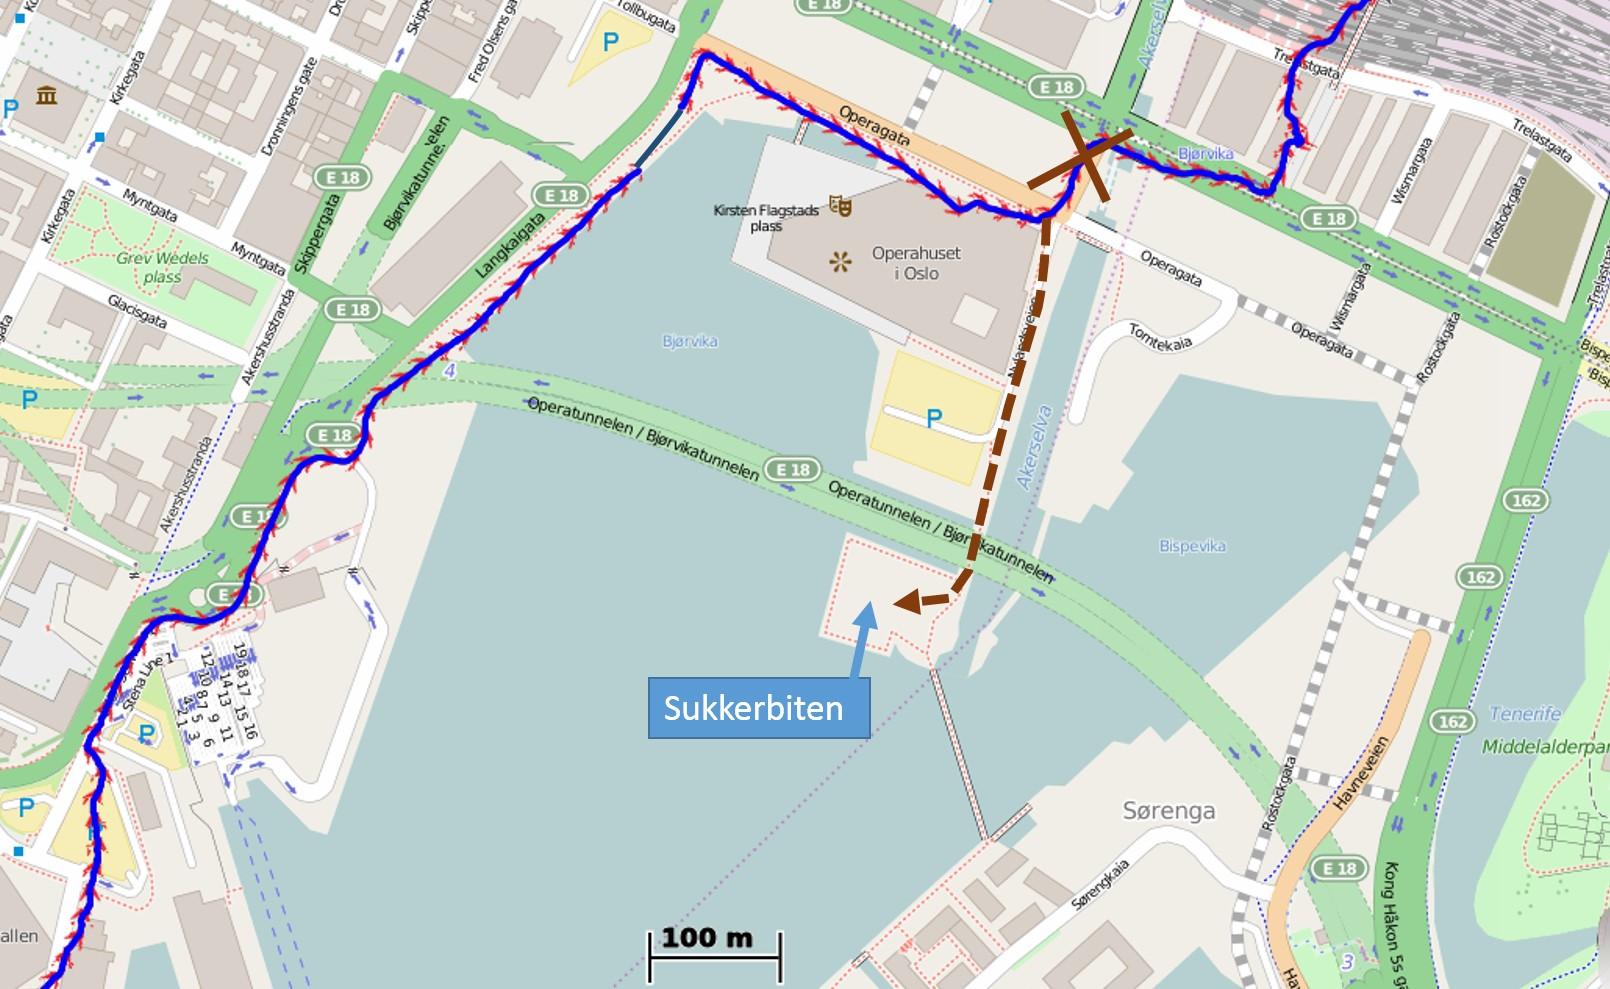 sukkerbiten oslo kart Vaterlandsparken blir startsted for 80 km i EcoTrail Oslo   KONDIS  sukkerbiten oslo kart